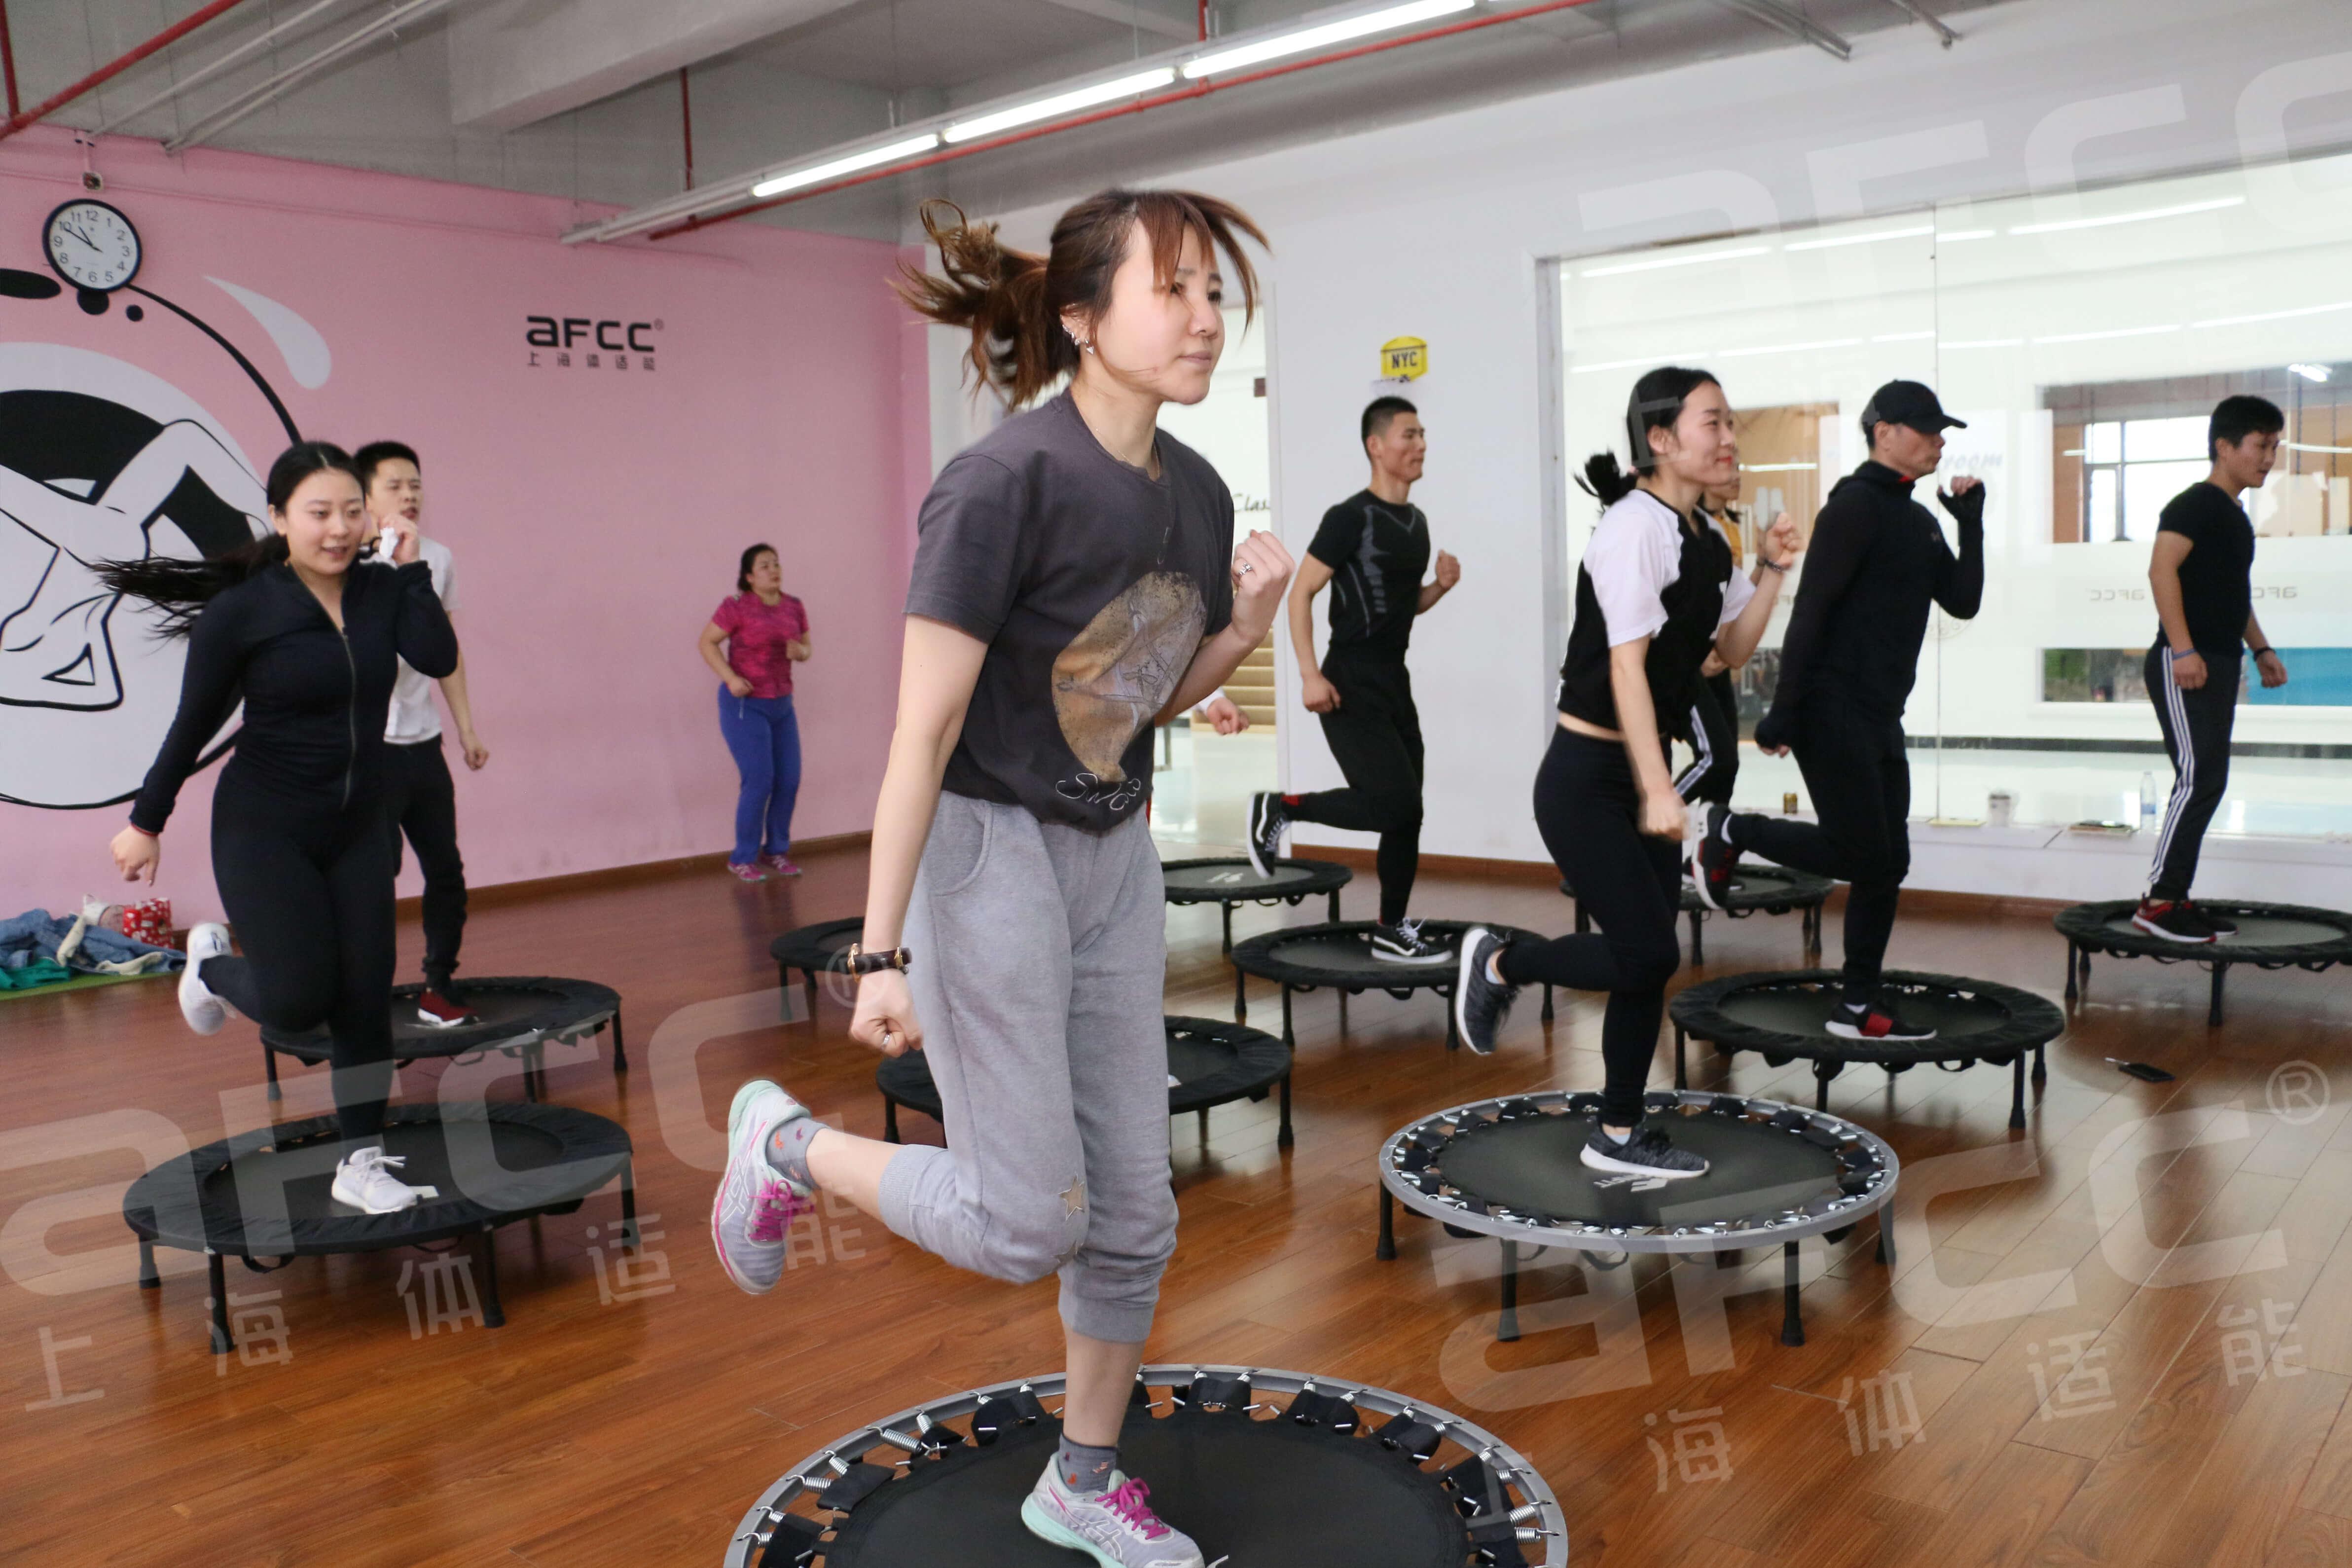 利用弹簧床的特性有效缓冲膝关节的冲击力,让会员更加喜爱这项运动